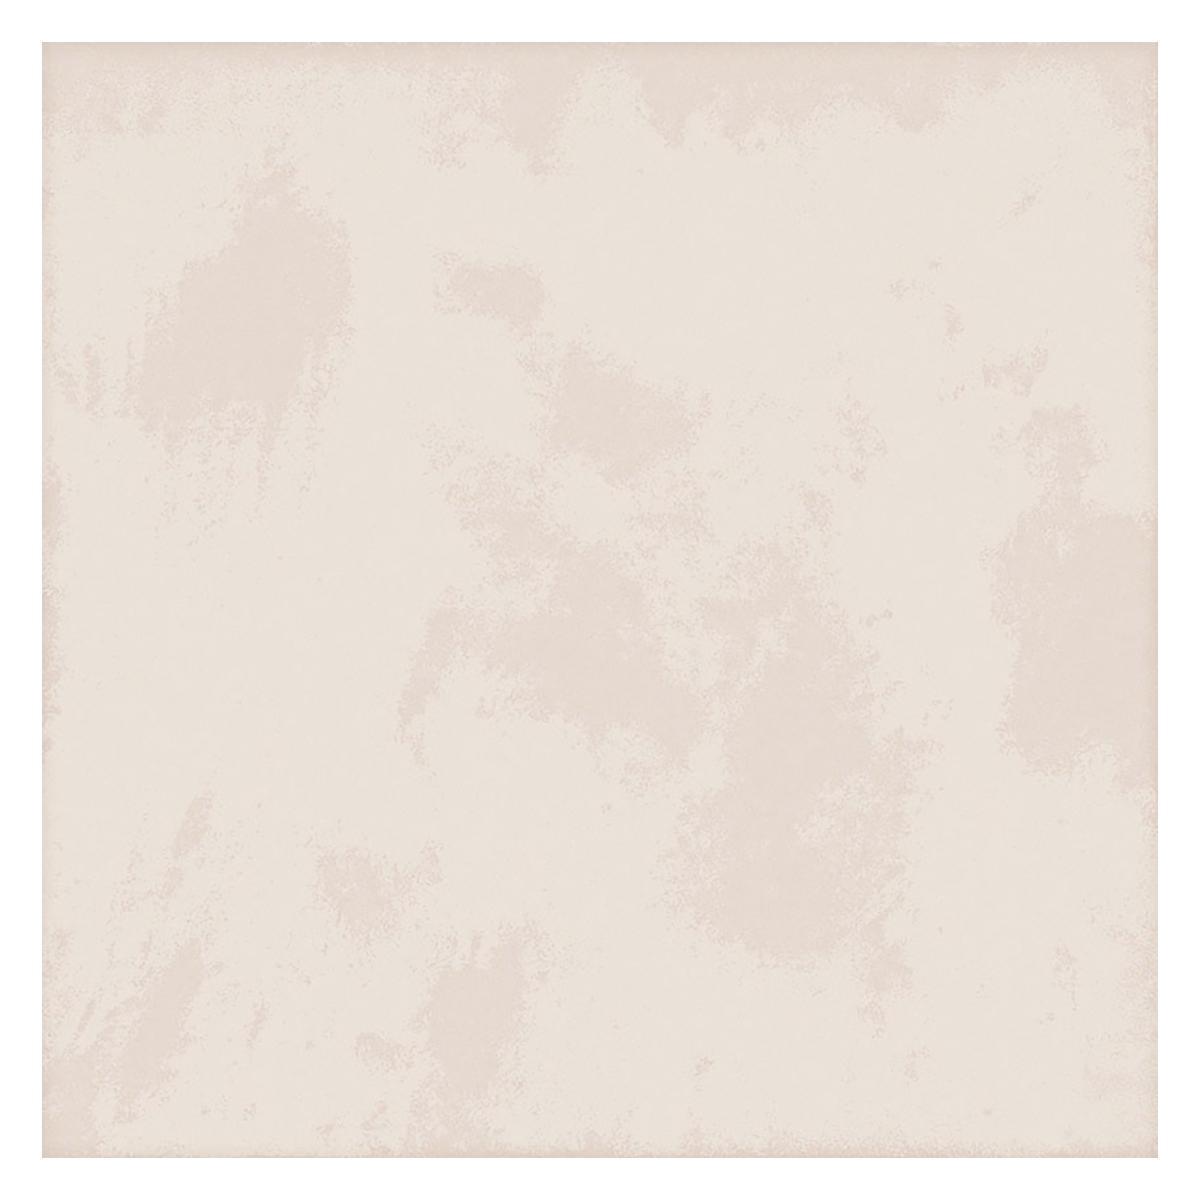 Porcelanato Potenza Blanco Mate - 60X60 cm - 1.44 m2